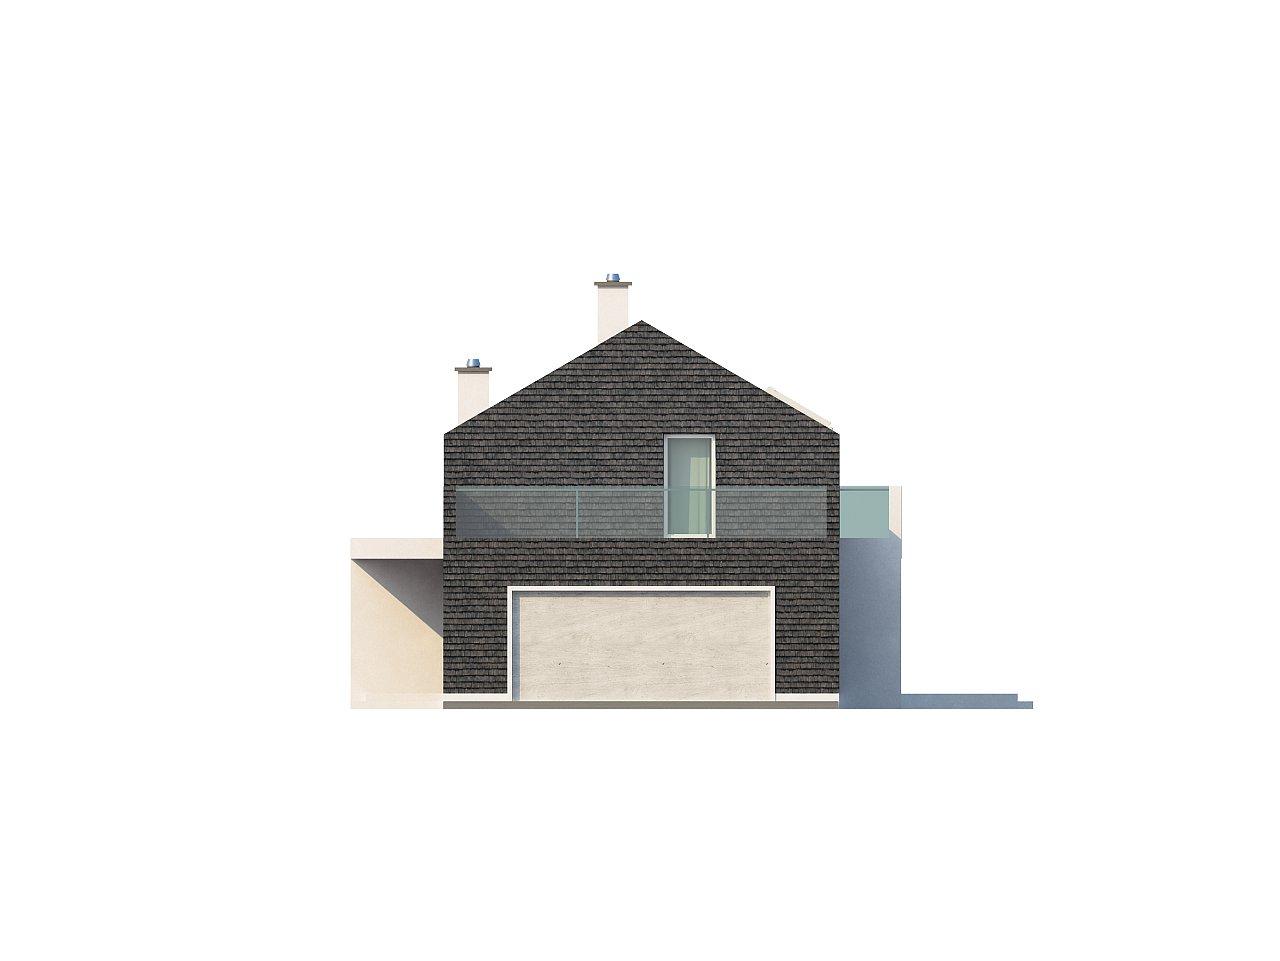 Современный эксклюзивный дом с каменной облицовкой, подходящий для узкого участка. 14